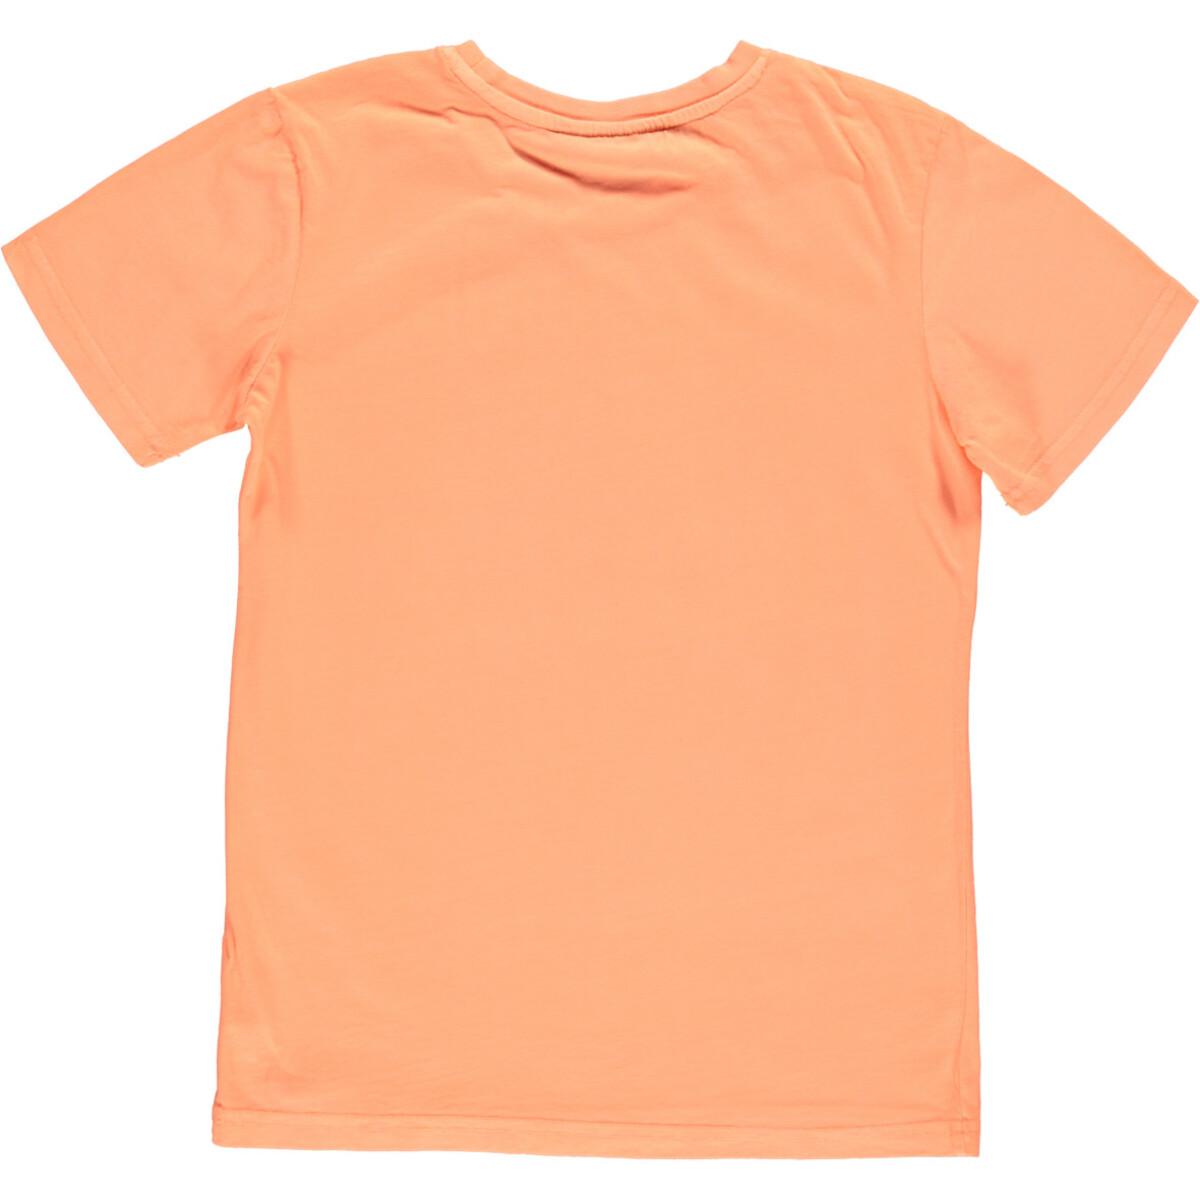 Bild 2 von Jungen T-Shirt in Neonfarbe und Print